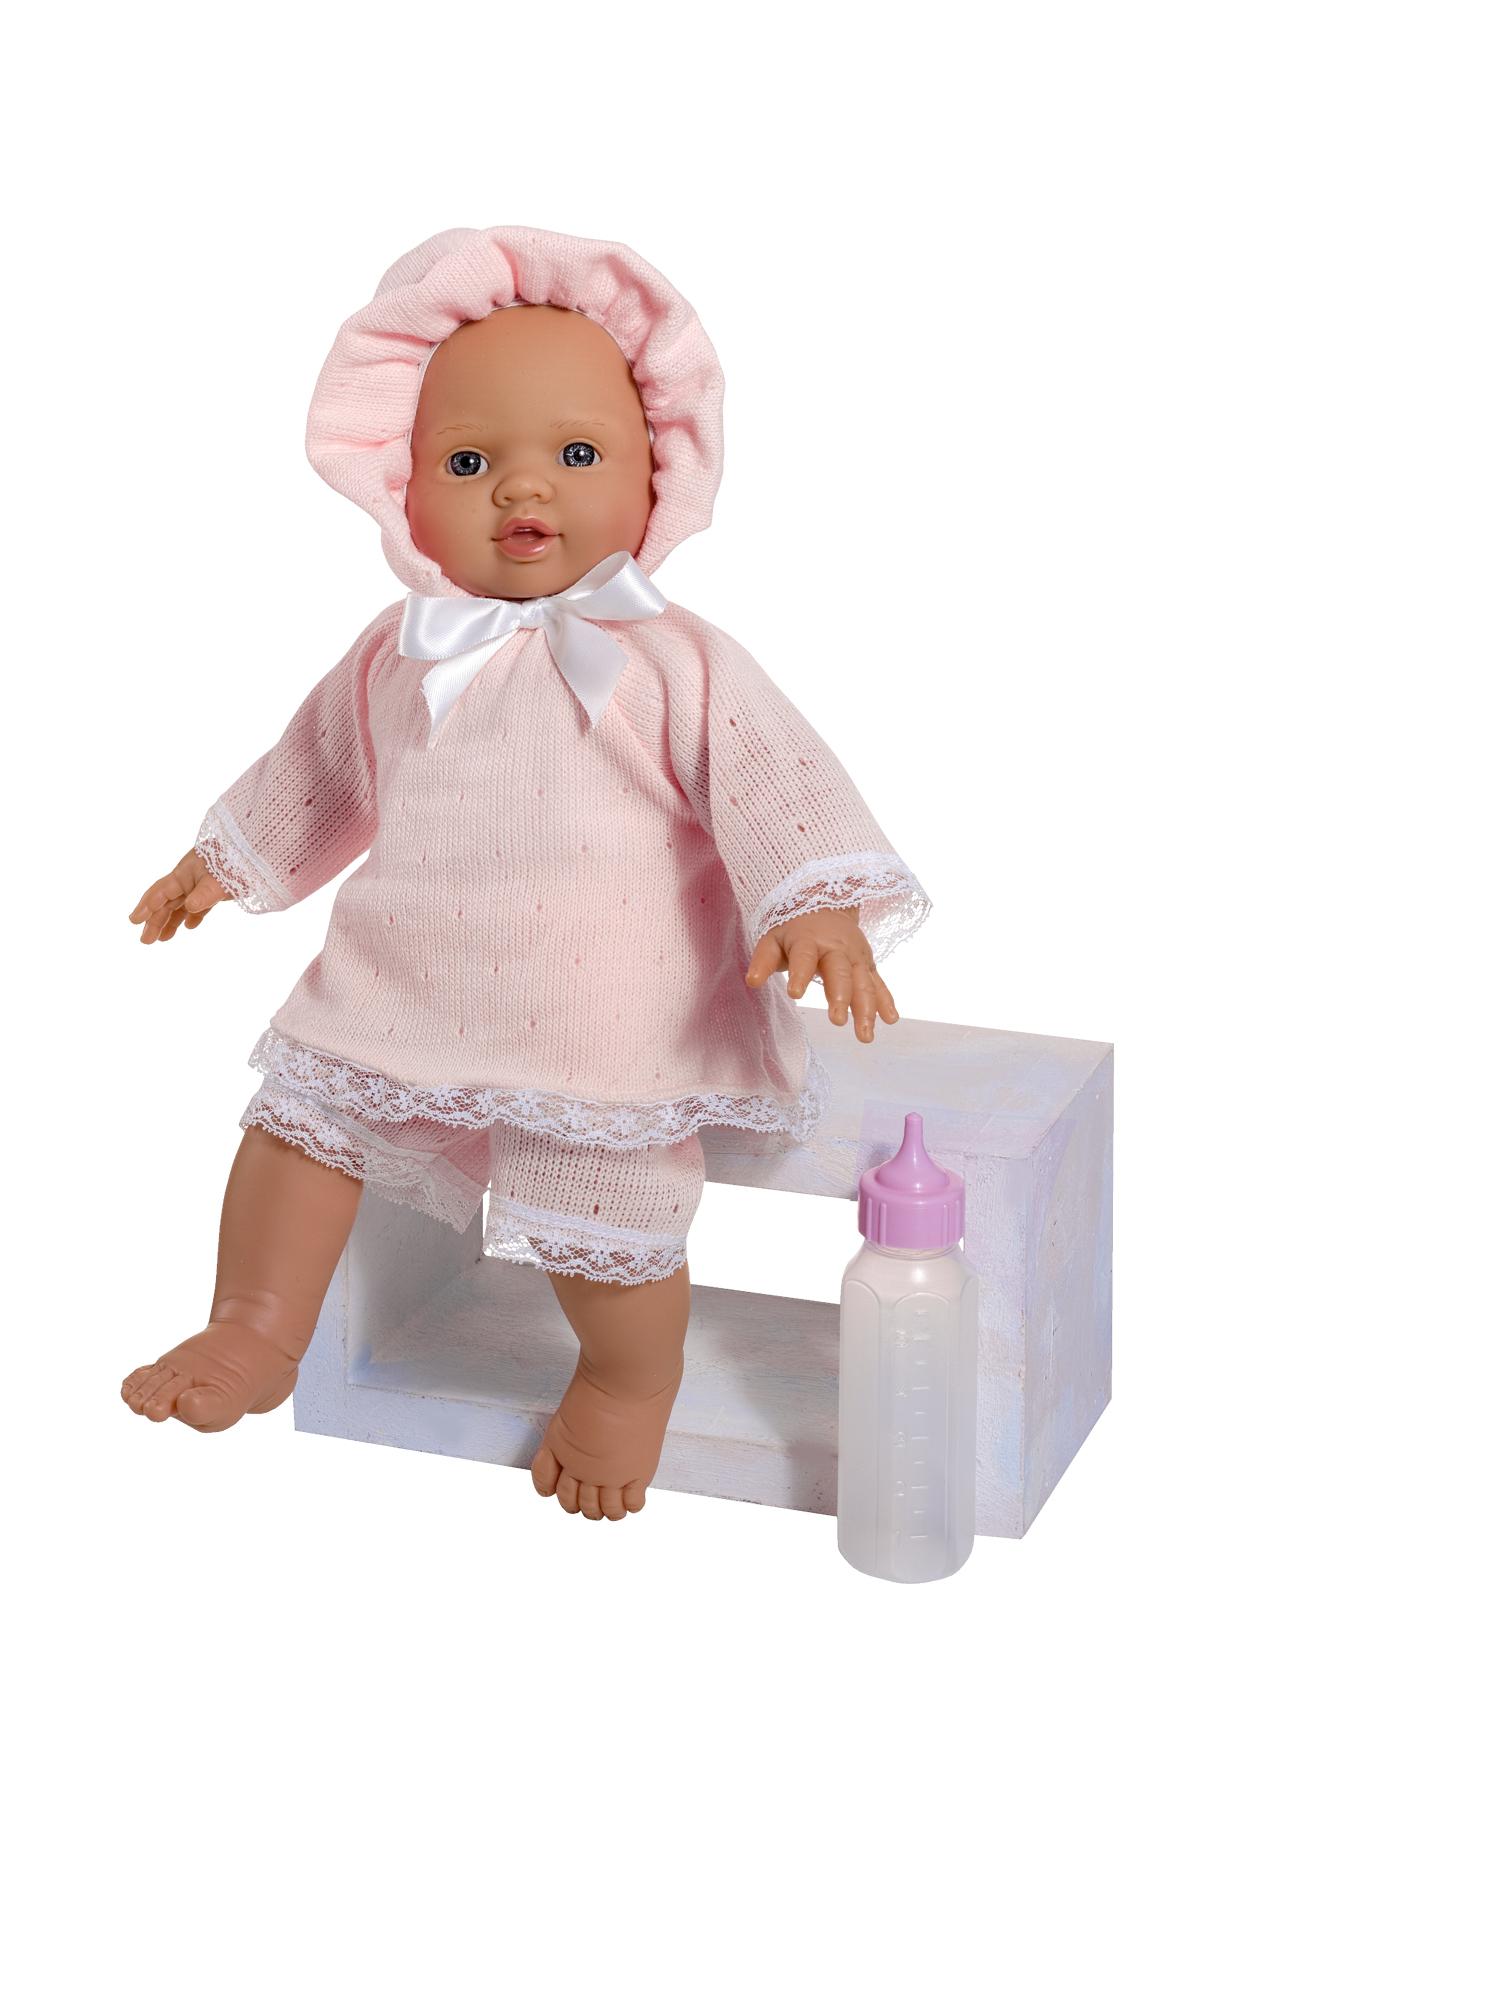 Кукла Popo в розовом костюмчике, 36 см.Куклы ASI (Испания)<br>Кукла Popo в розовом костюмчике, 36 см.<br>